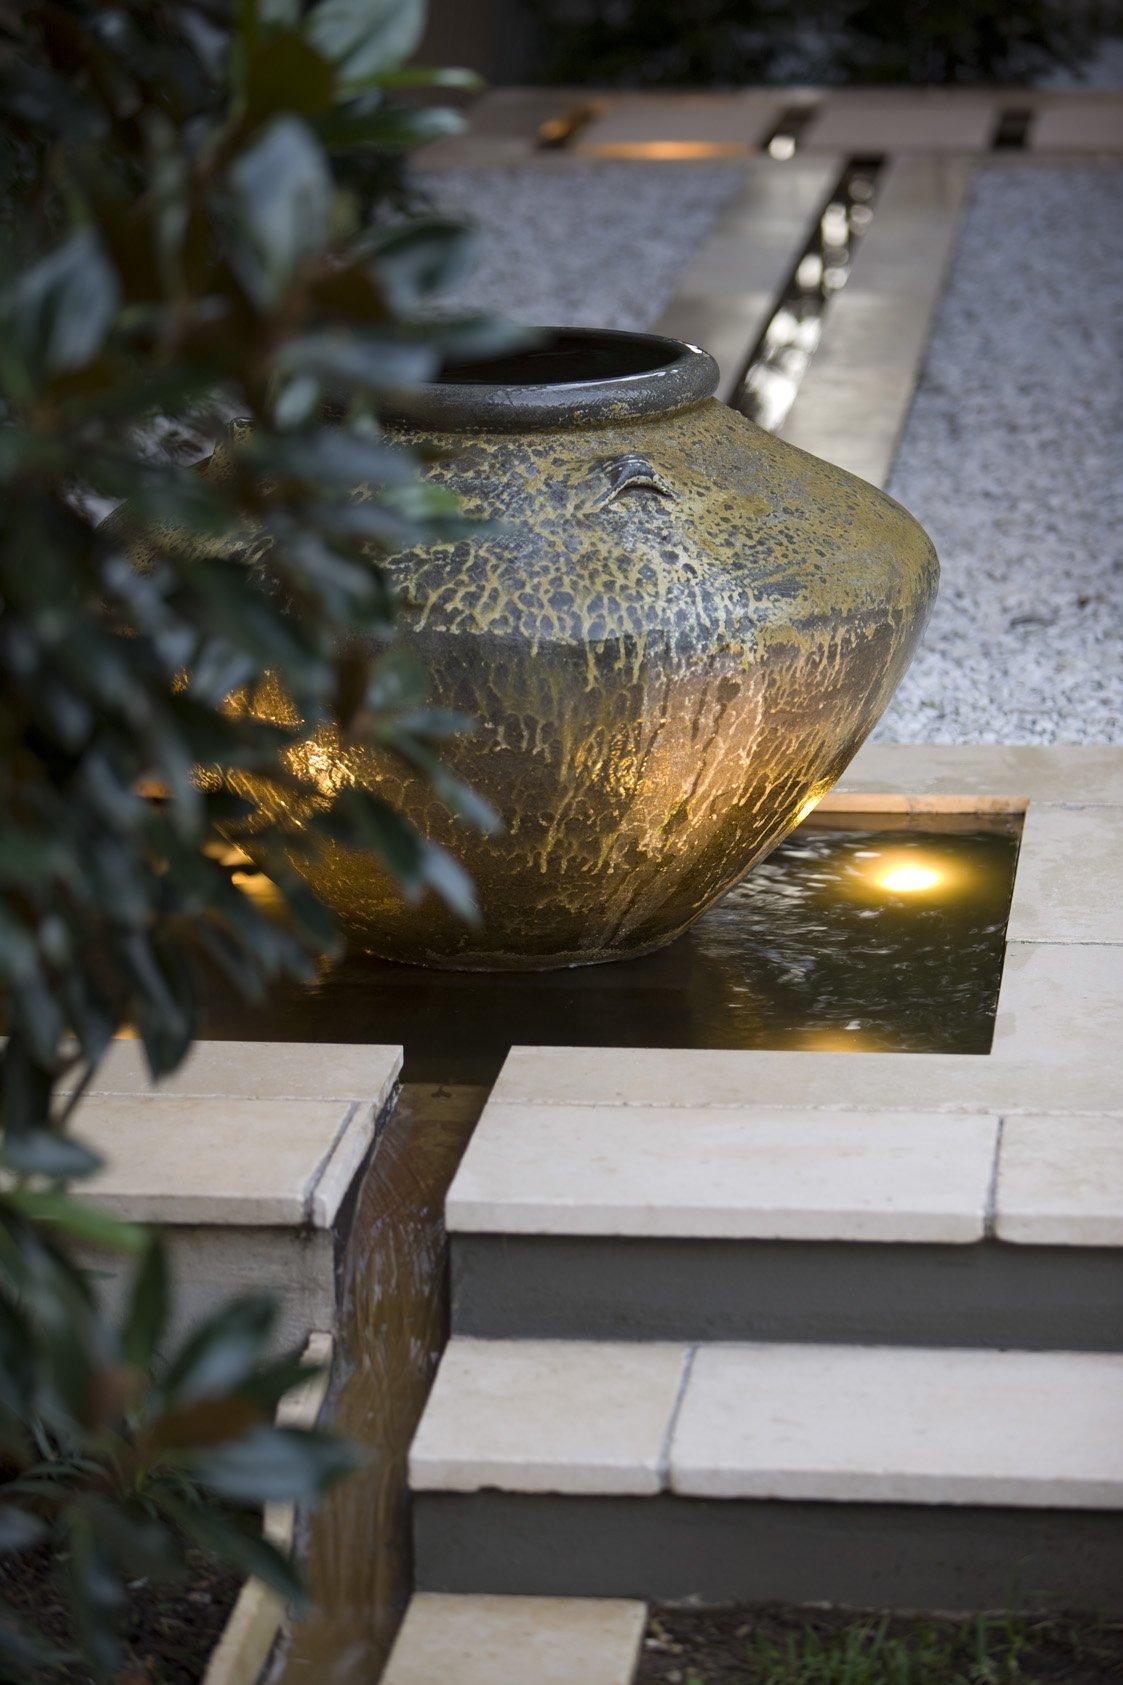 Water fountain in paved garden design